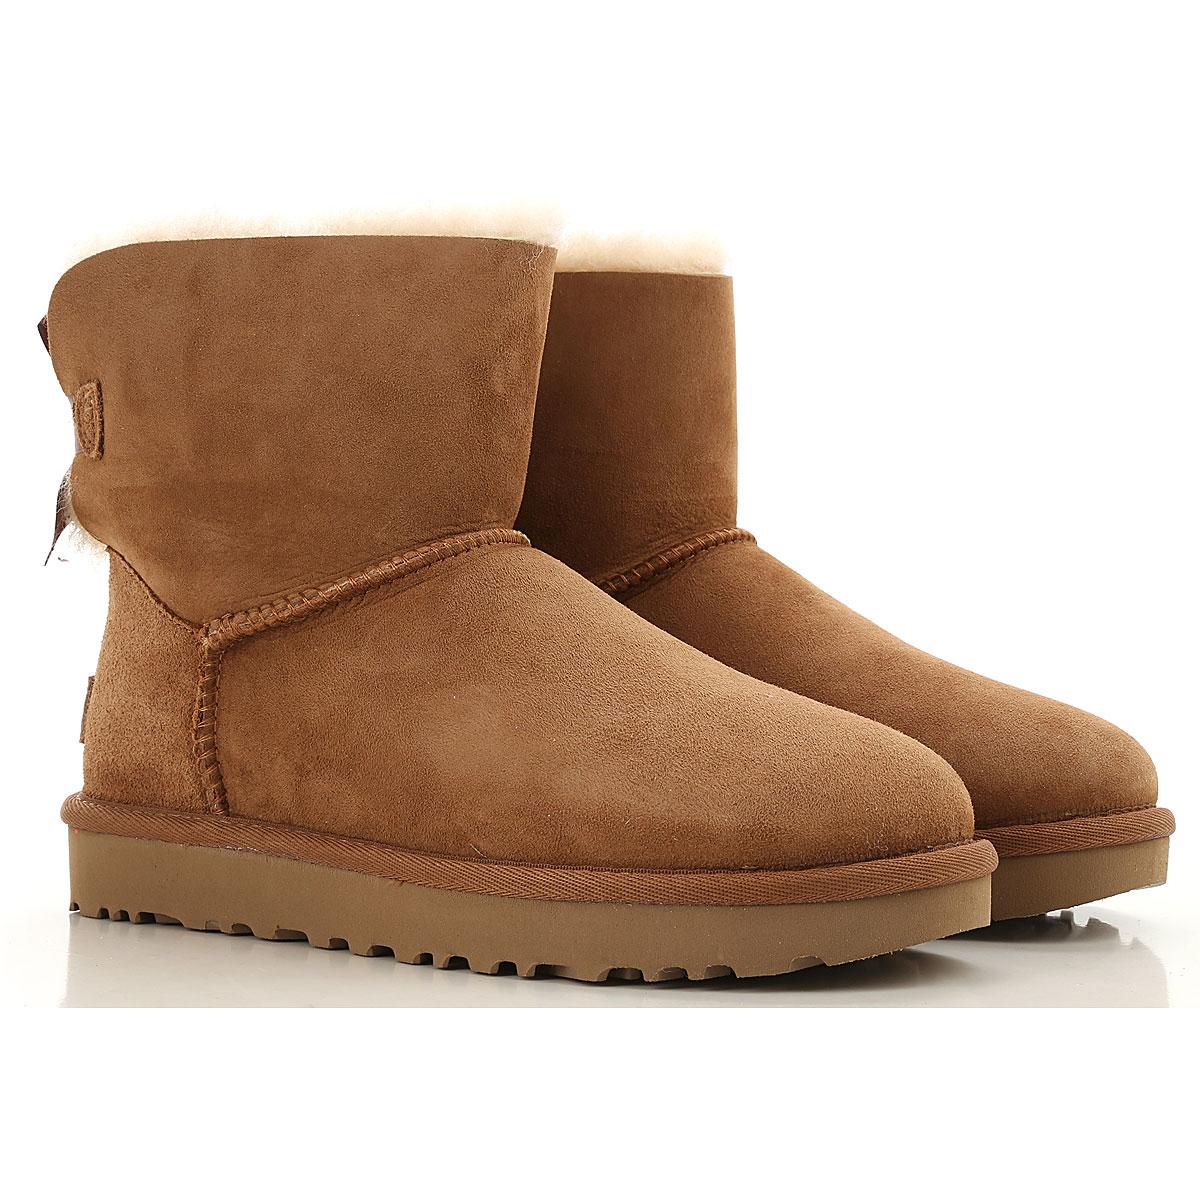 UGG Boots for Women, Booties On Sale, Chestnut, Suede leather, 2019, USA 5 UK 3 5 EU 36 JAPAN 220 USA 6 UK 4 5 EU 37 JAPAN 230 USA 7 UK 5 5 EU